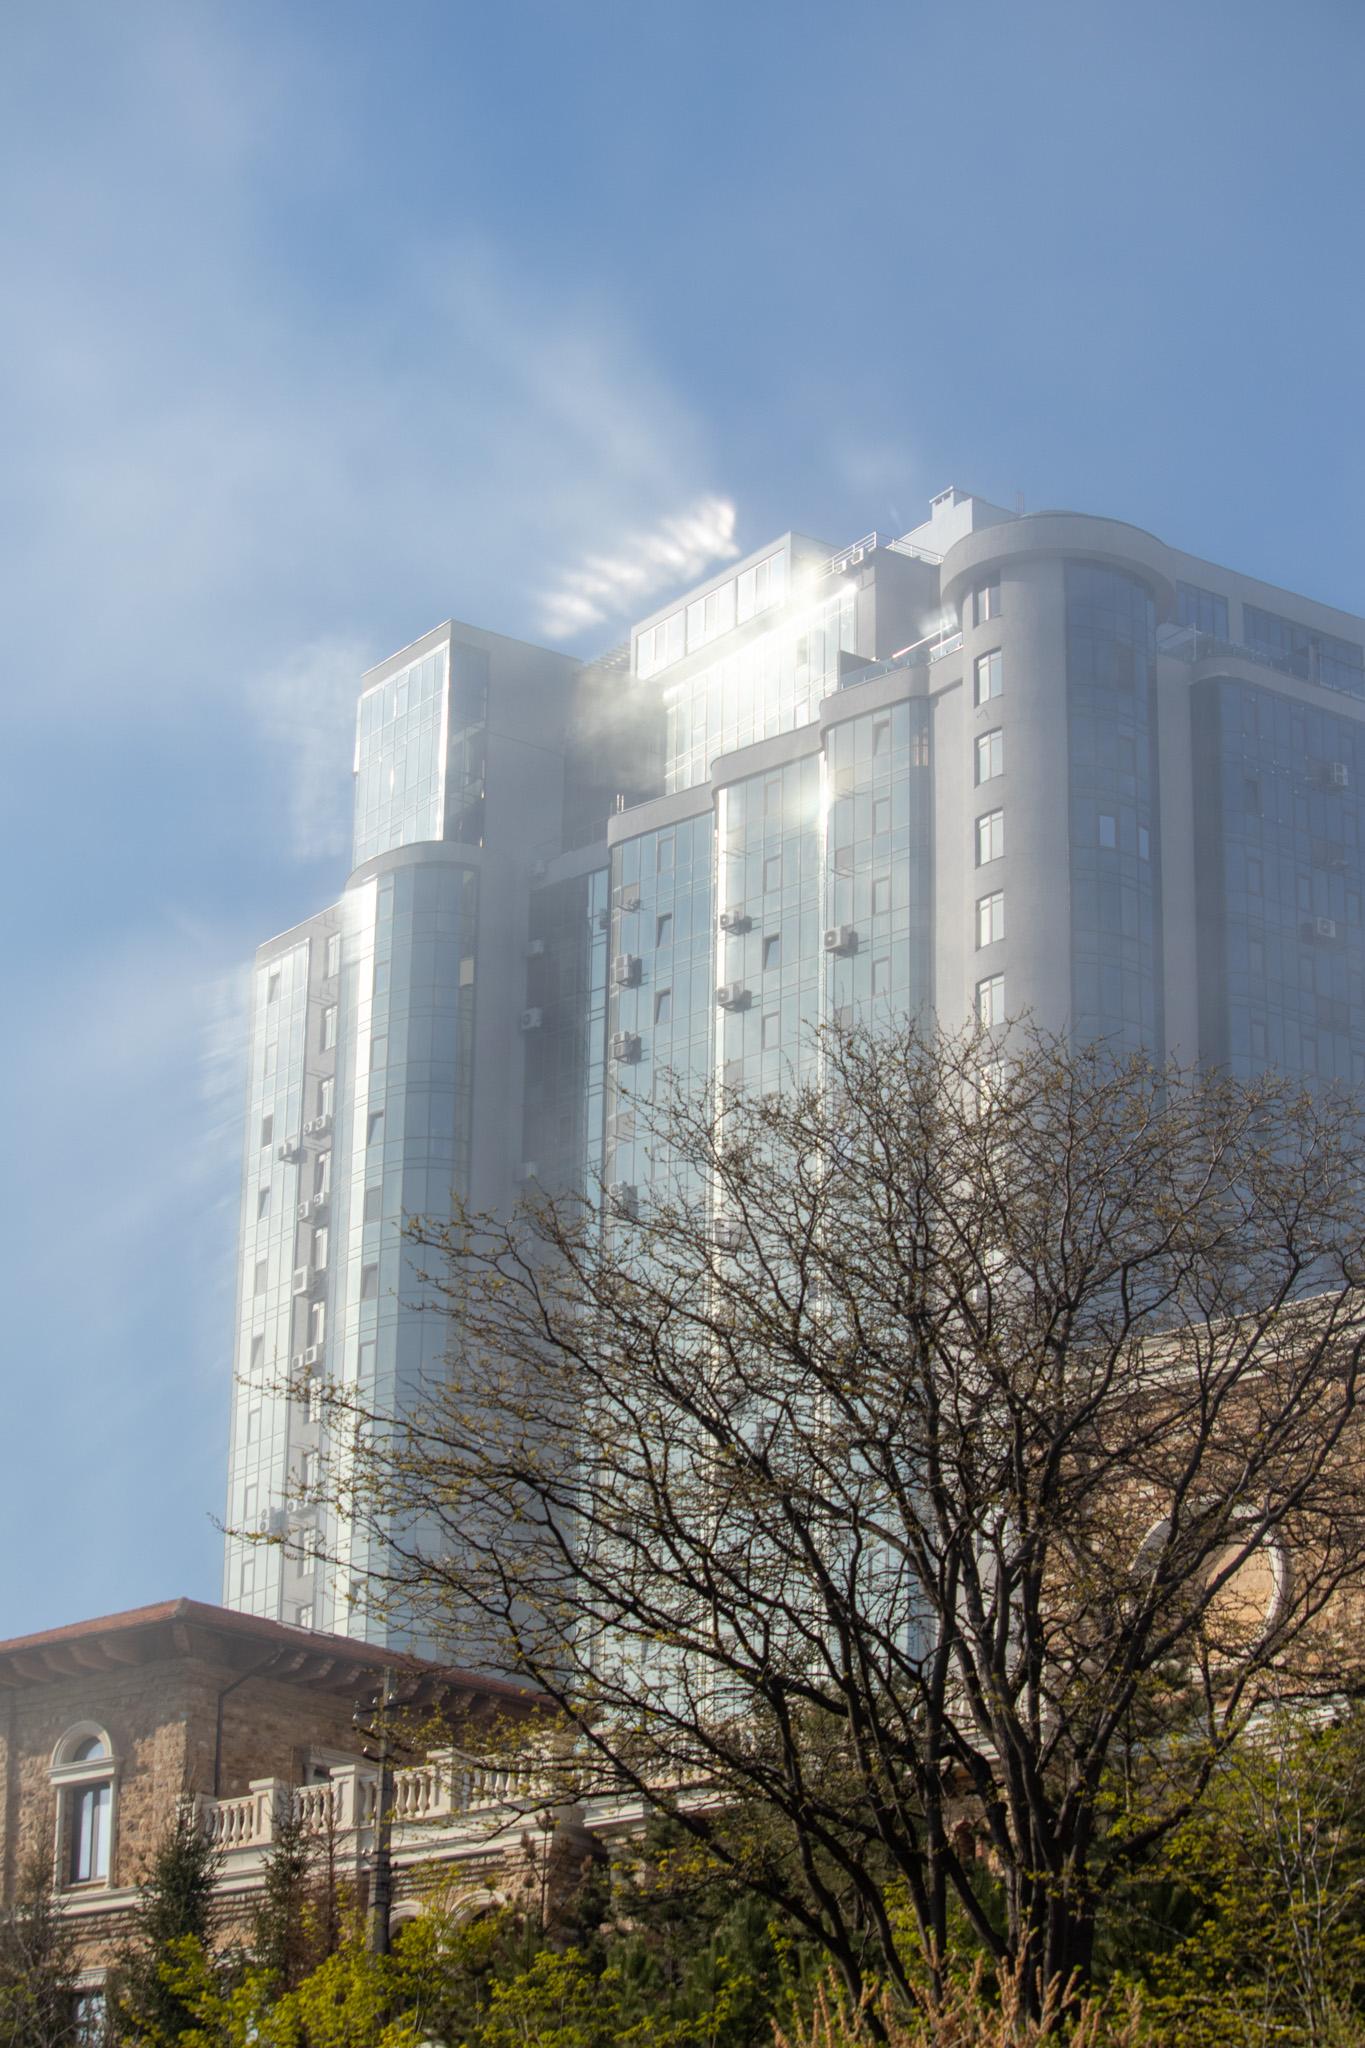 Остекленный фасад здания с бликами солнца в густом тумане 6